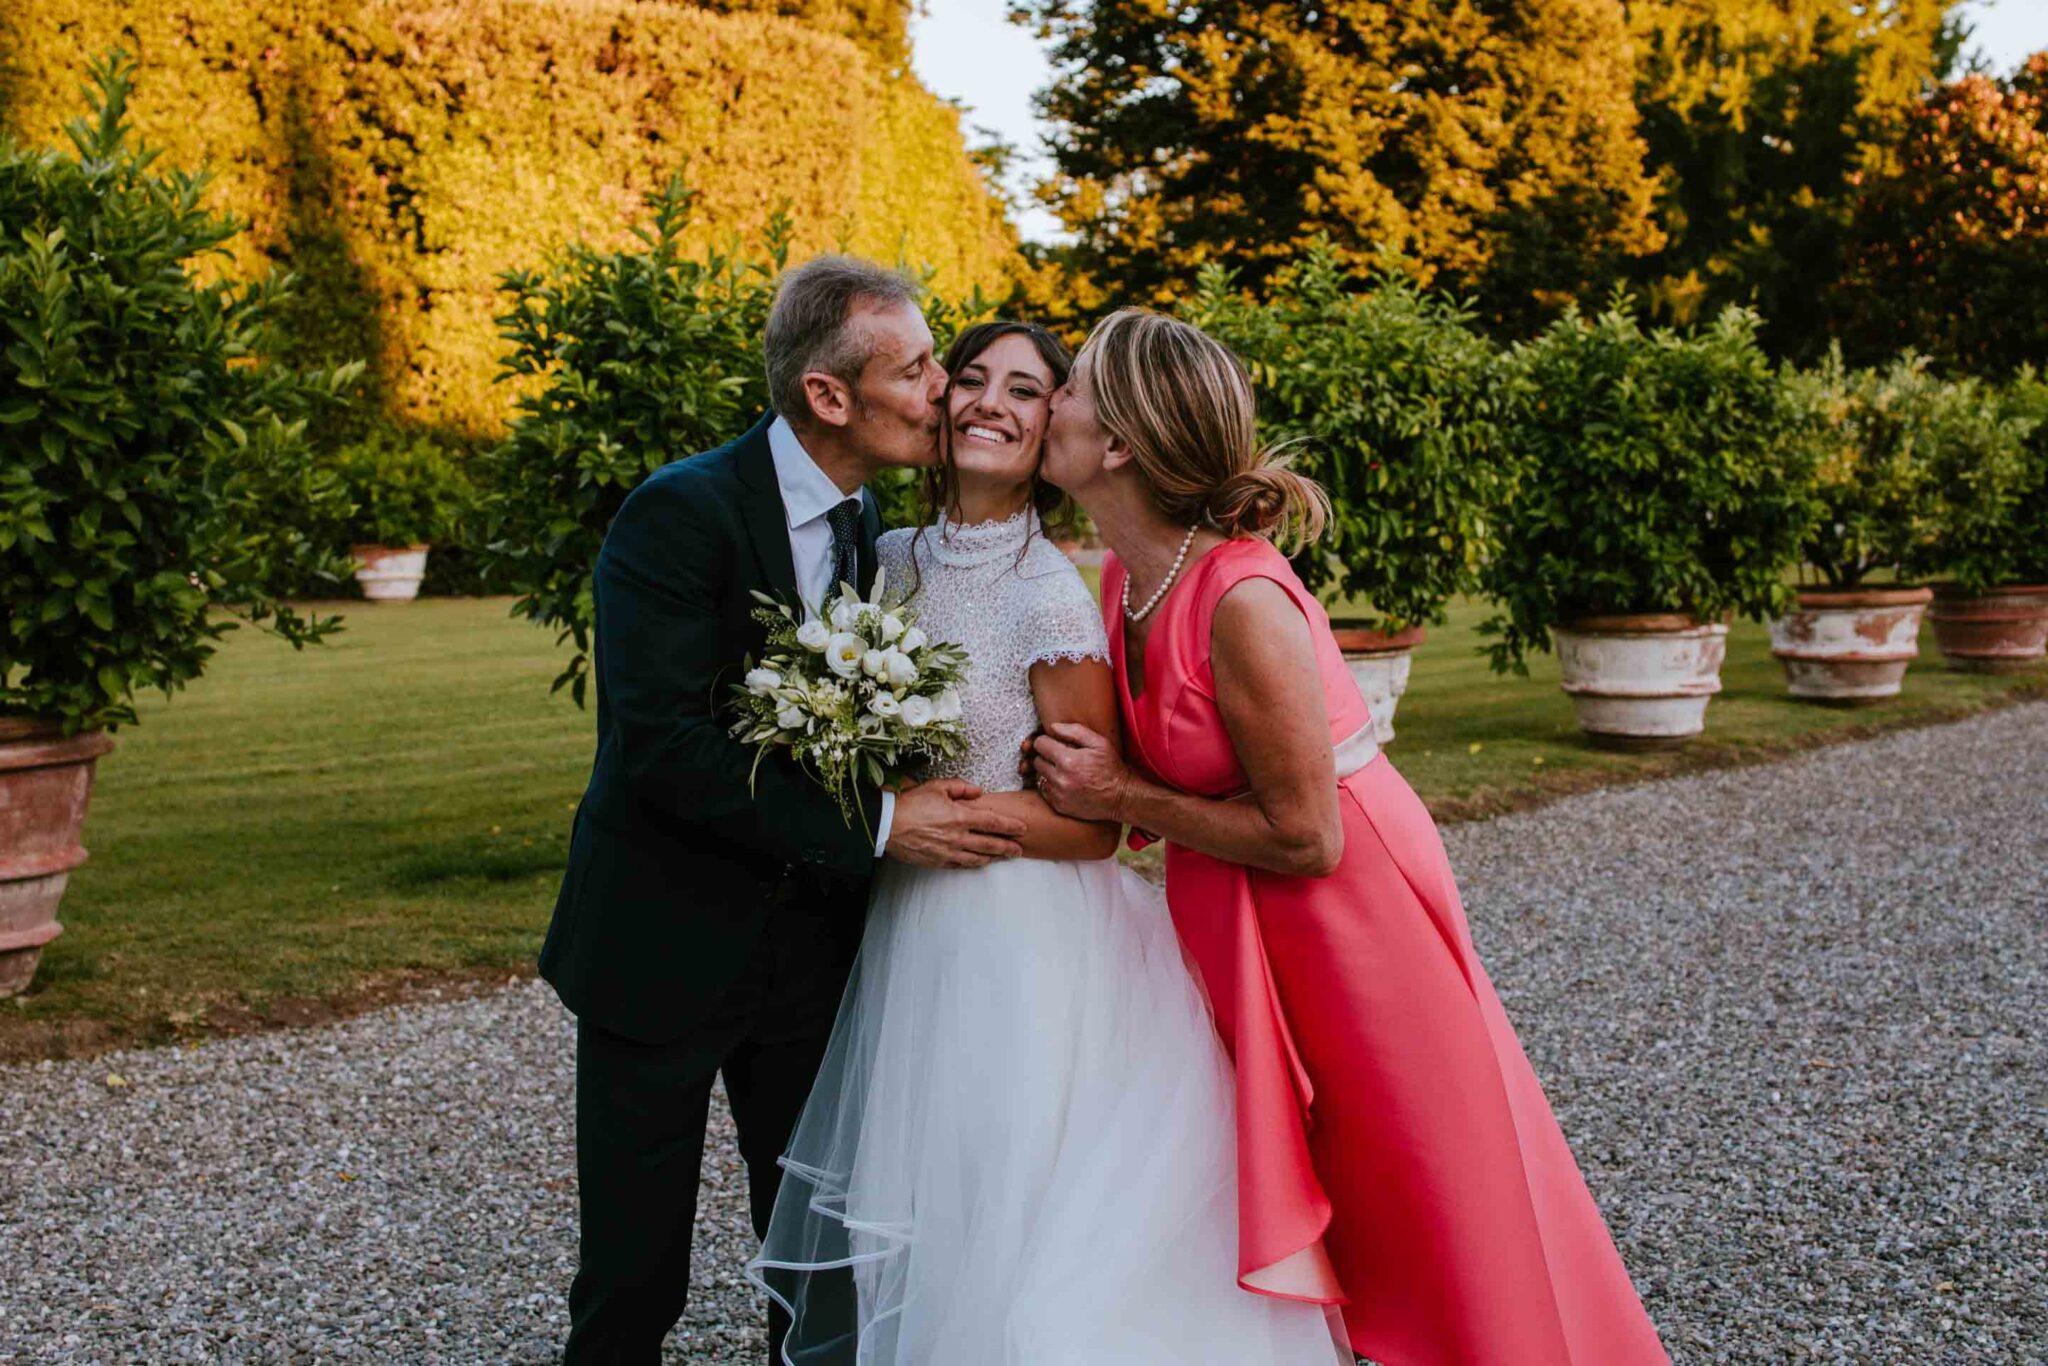 photos with parents, wedding in Villa Grabau